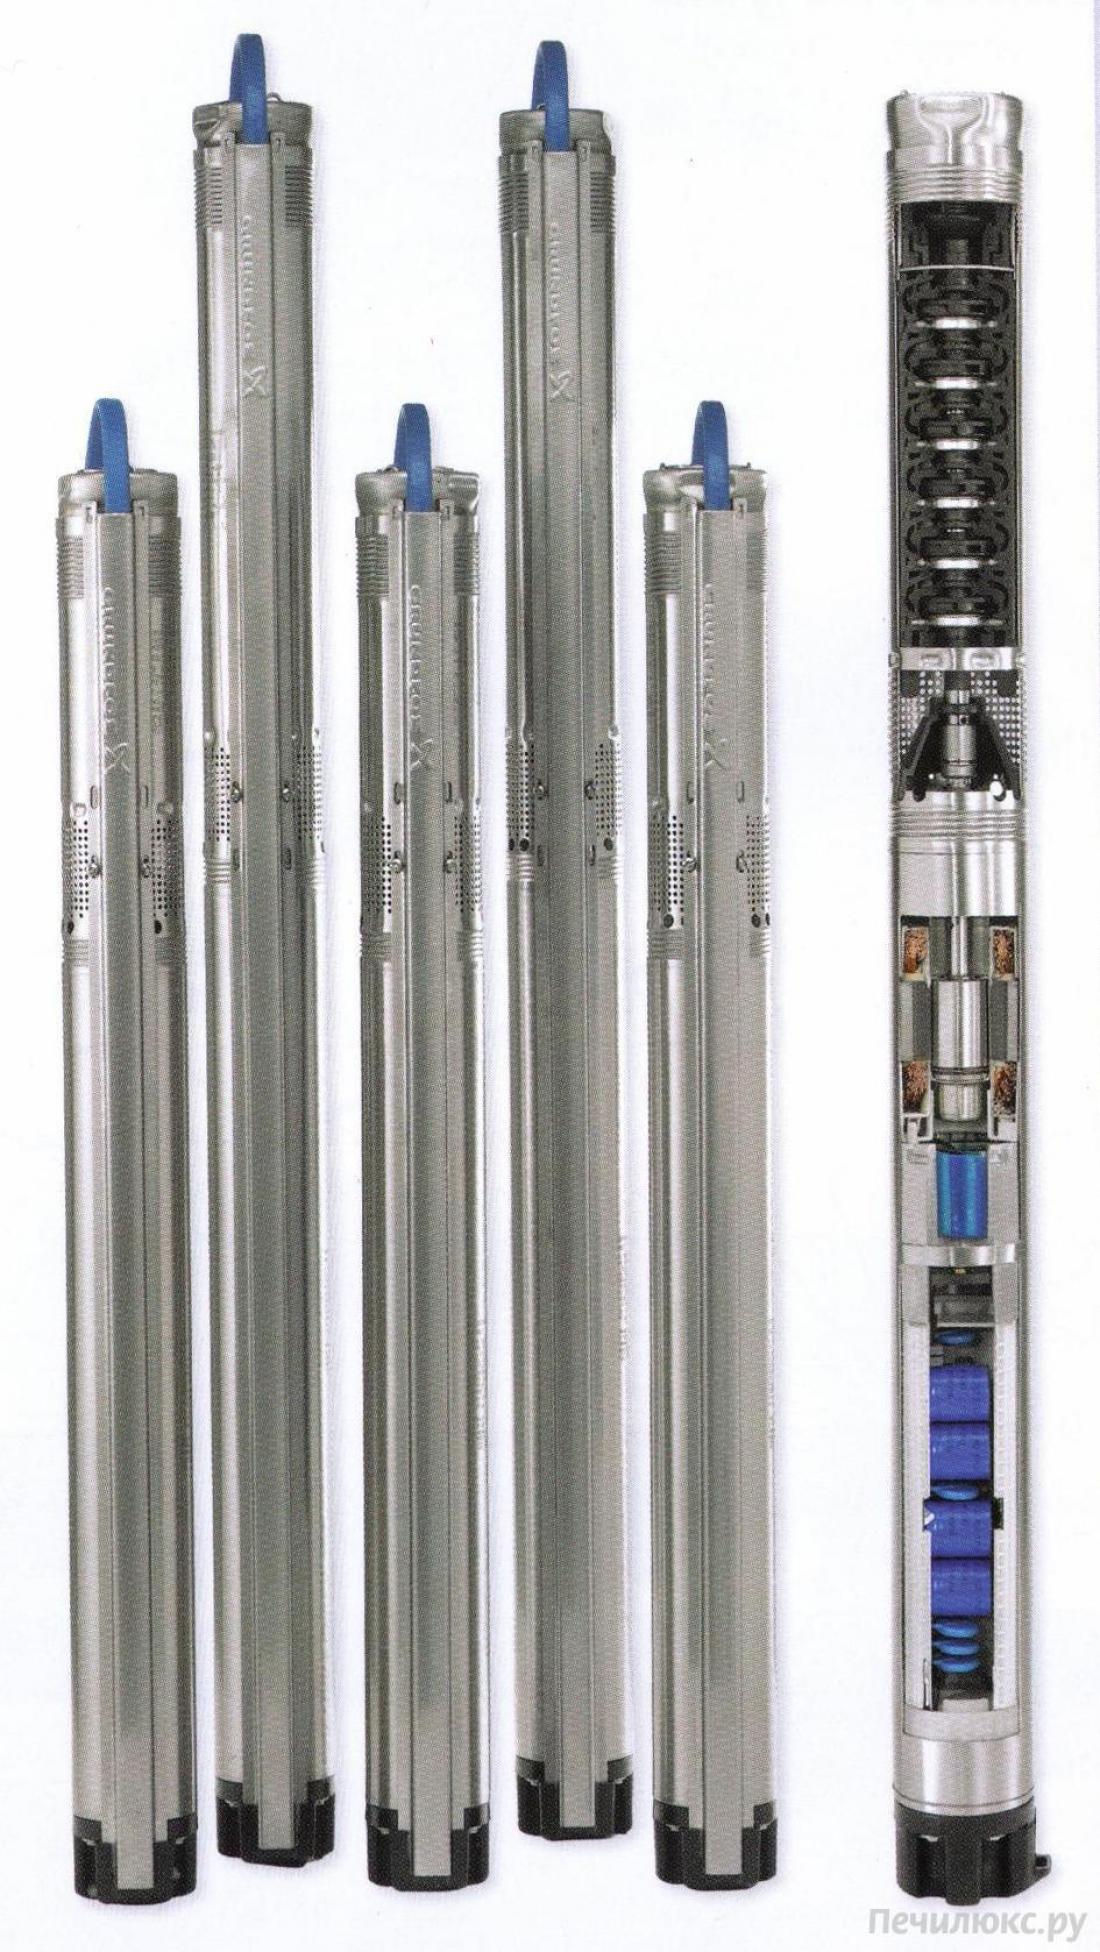 SQE 1-125     1.68kW 200-240V 50/60Hz